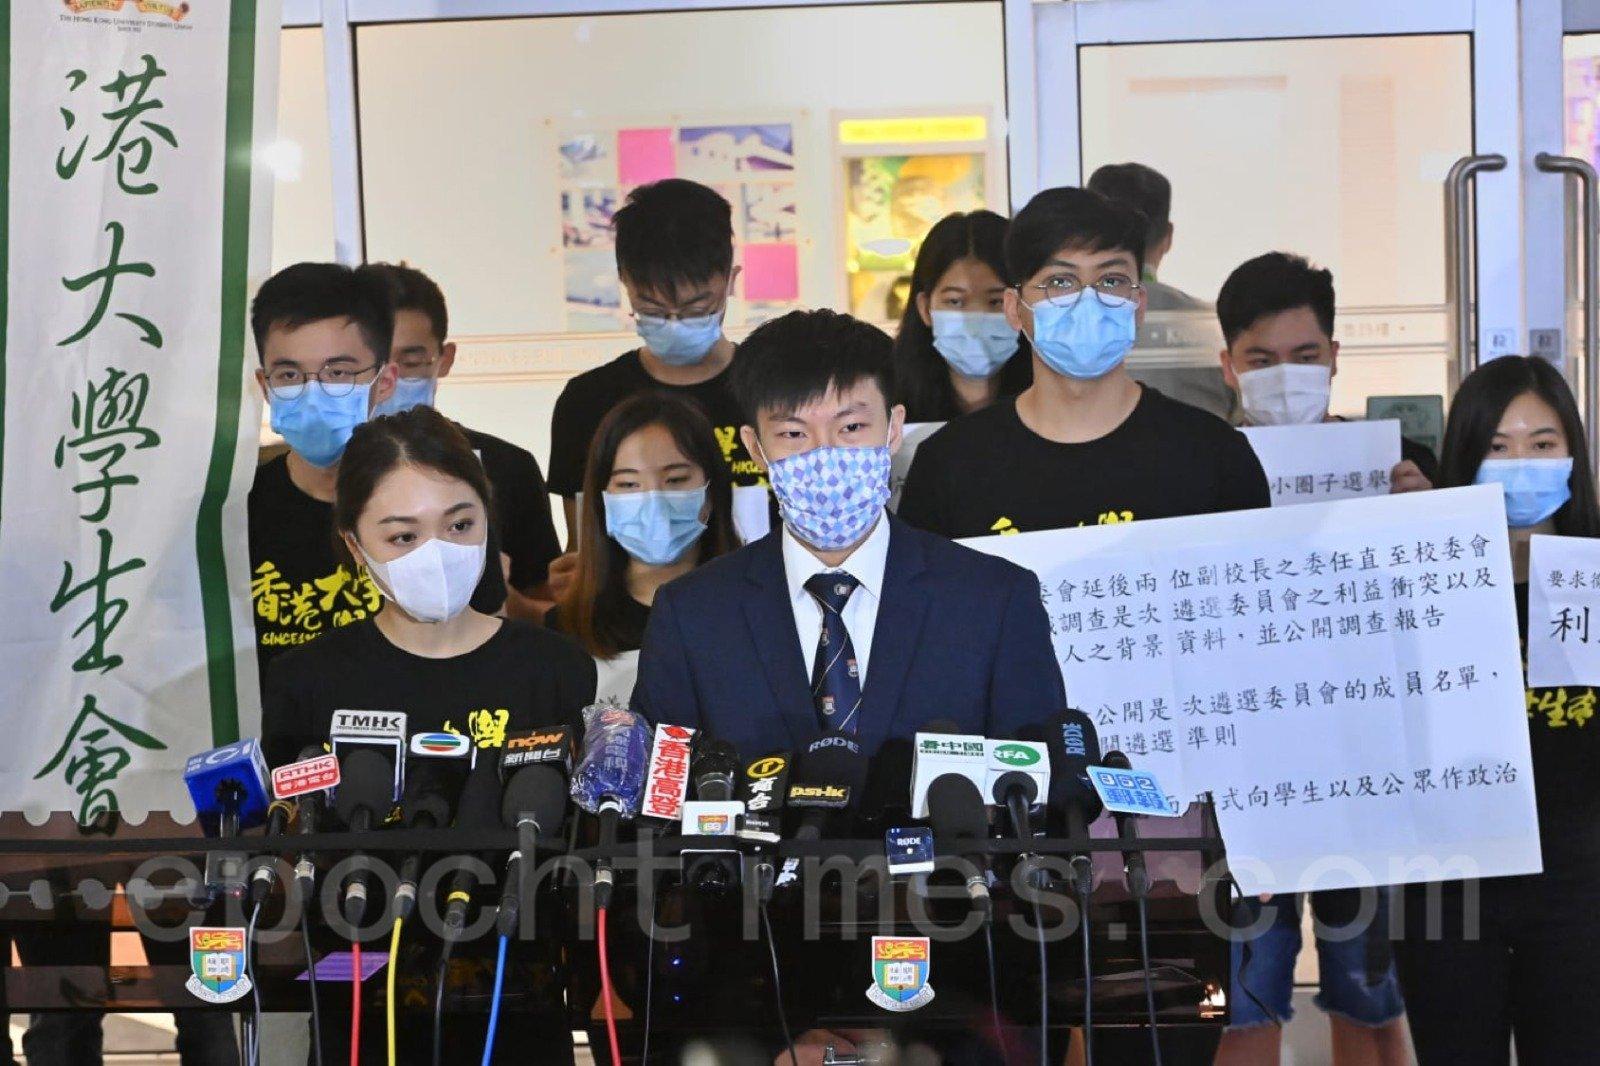 港大學生代表李梓成在27日校委會會議後見媒體表示,對結果表示遺憾,但已忠於自己,對議案投下反對票。(大紀元資料圖片)